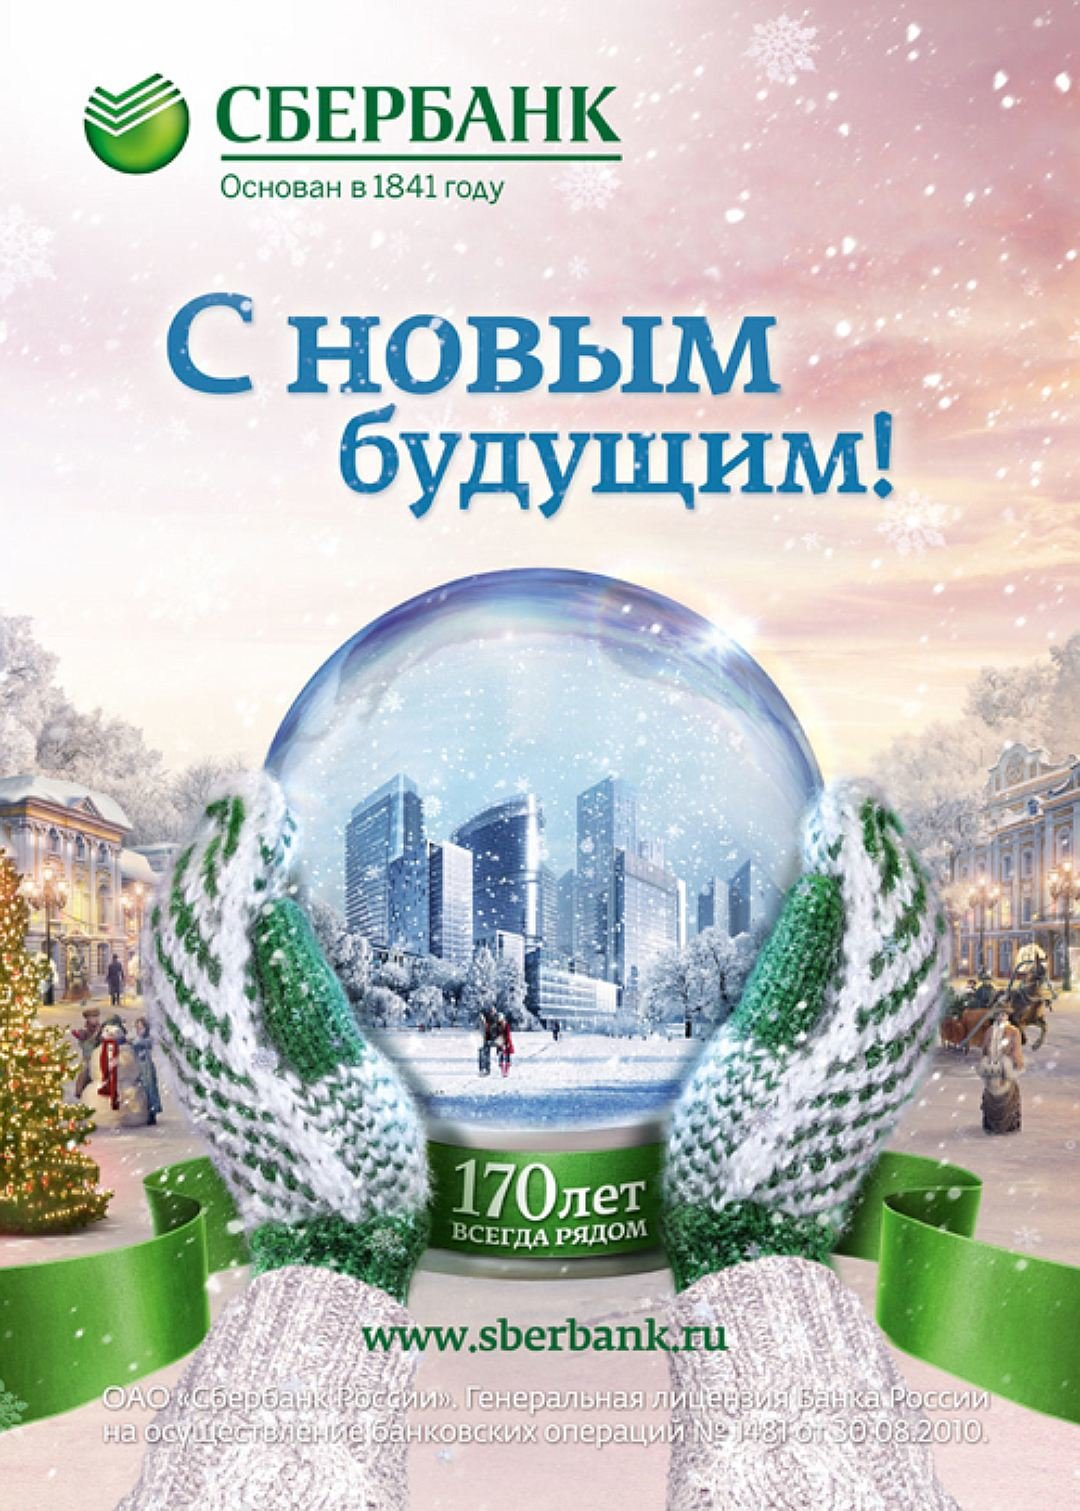 Сбербанк открытка новый год